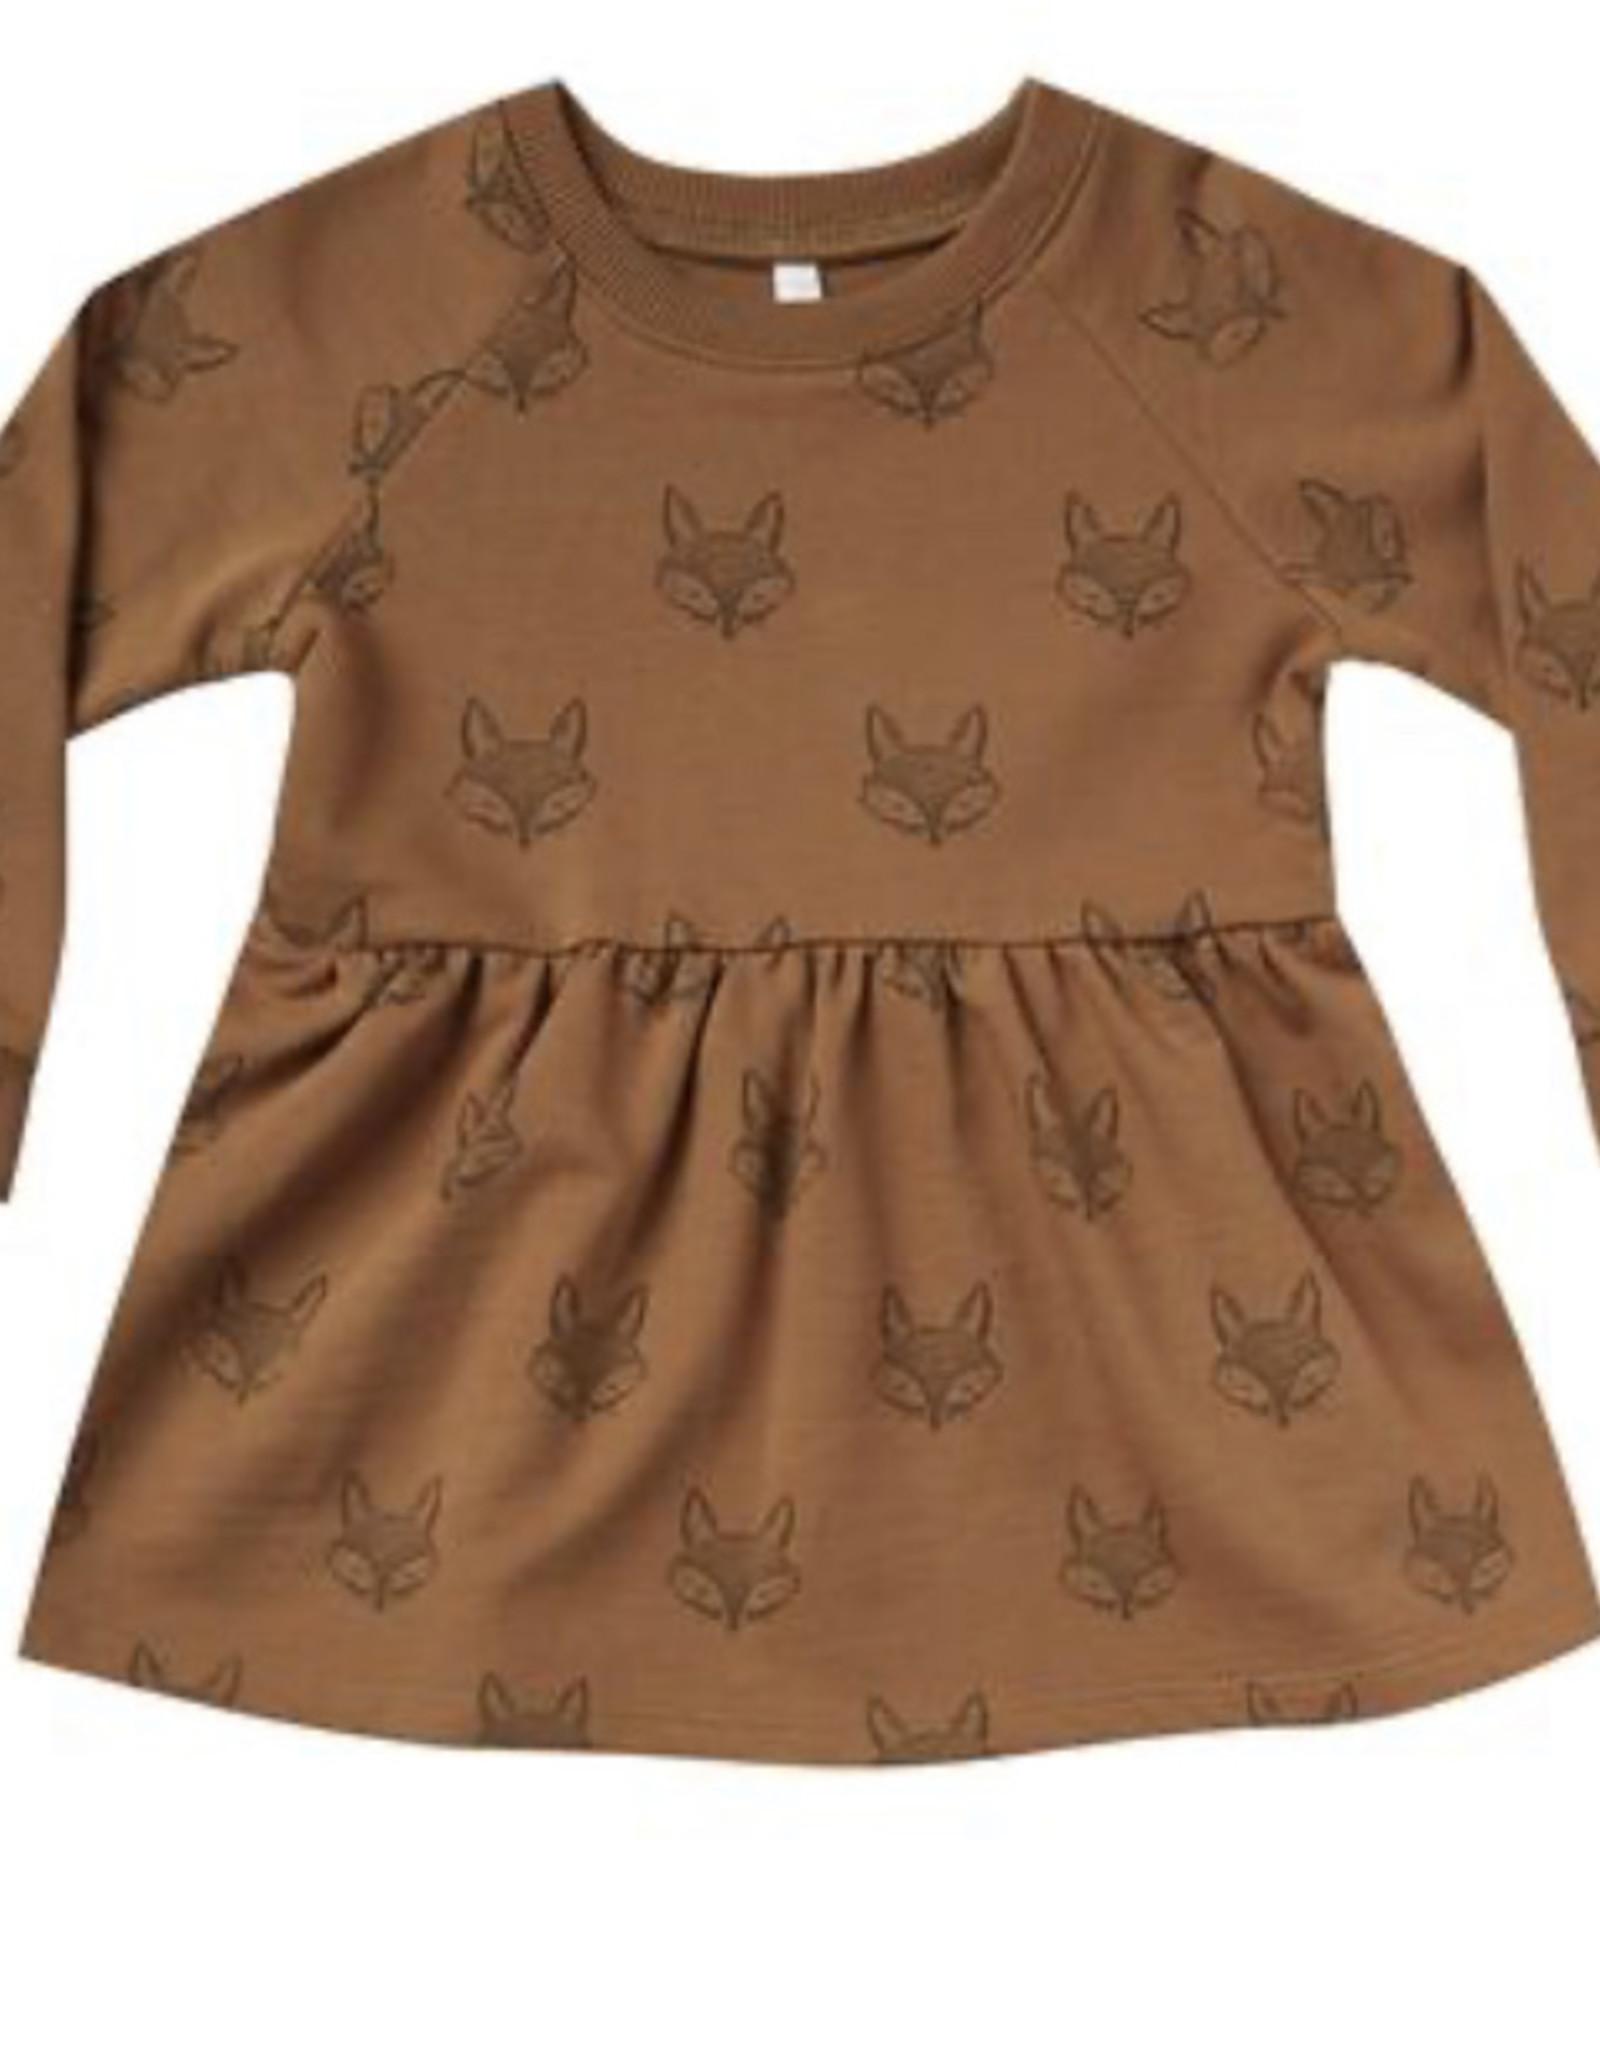 Rylee + Cru Rylee + Cru - Printed Raglan Dress